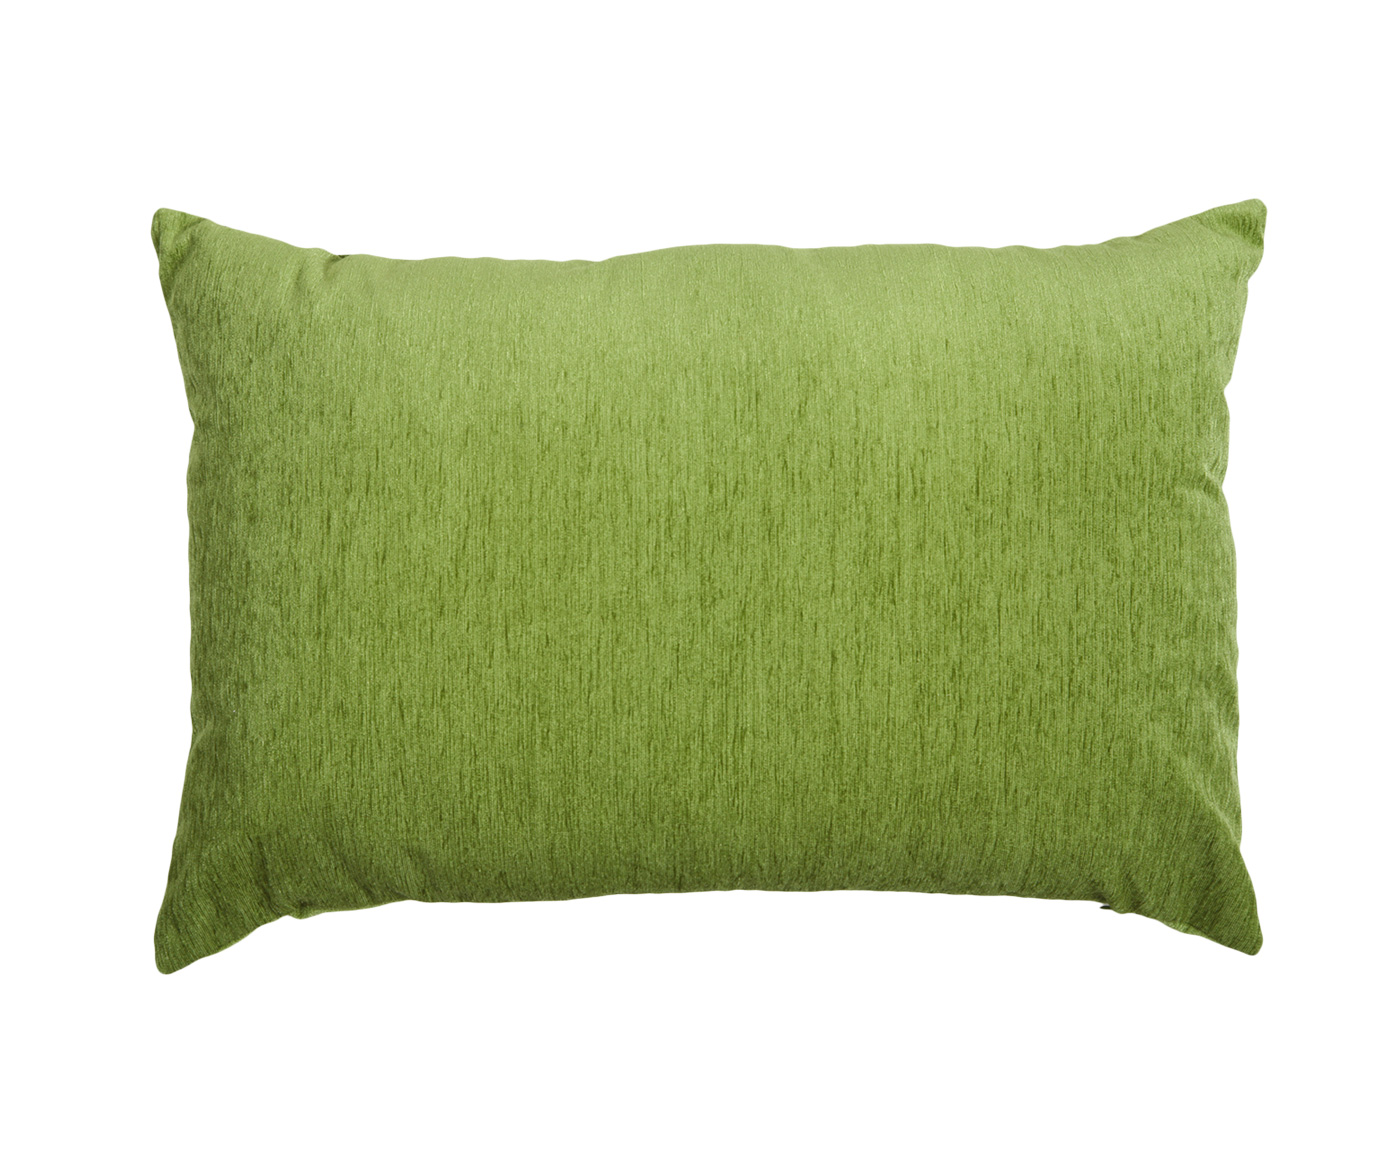 Подушка НегаПрямоугольные подушки<br>Декоративная  подушка .Чехол съемный.<br><br>Material: Шелк<br>Length см: None<br>Width см: 60<br>Depth см: 15<br>Height см: 40